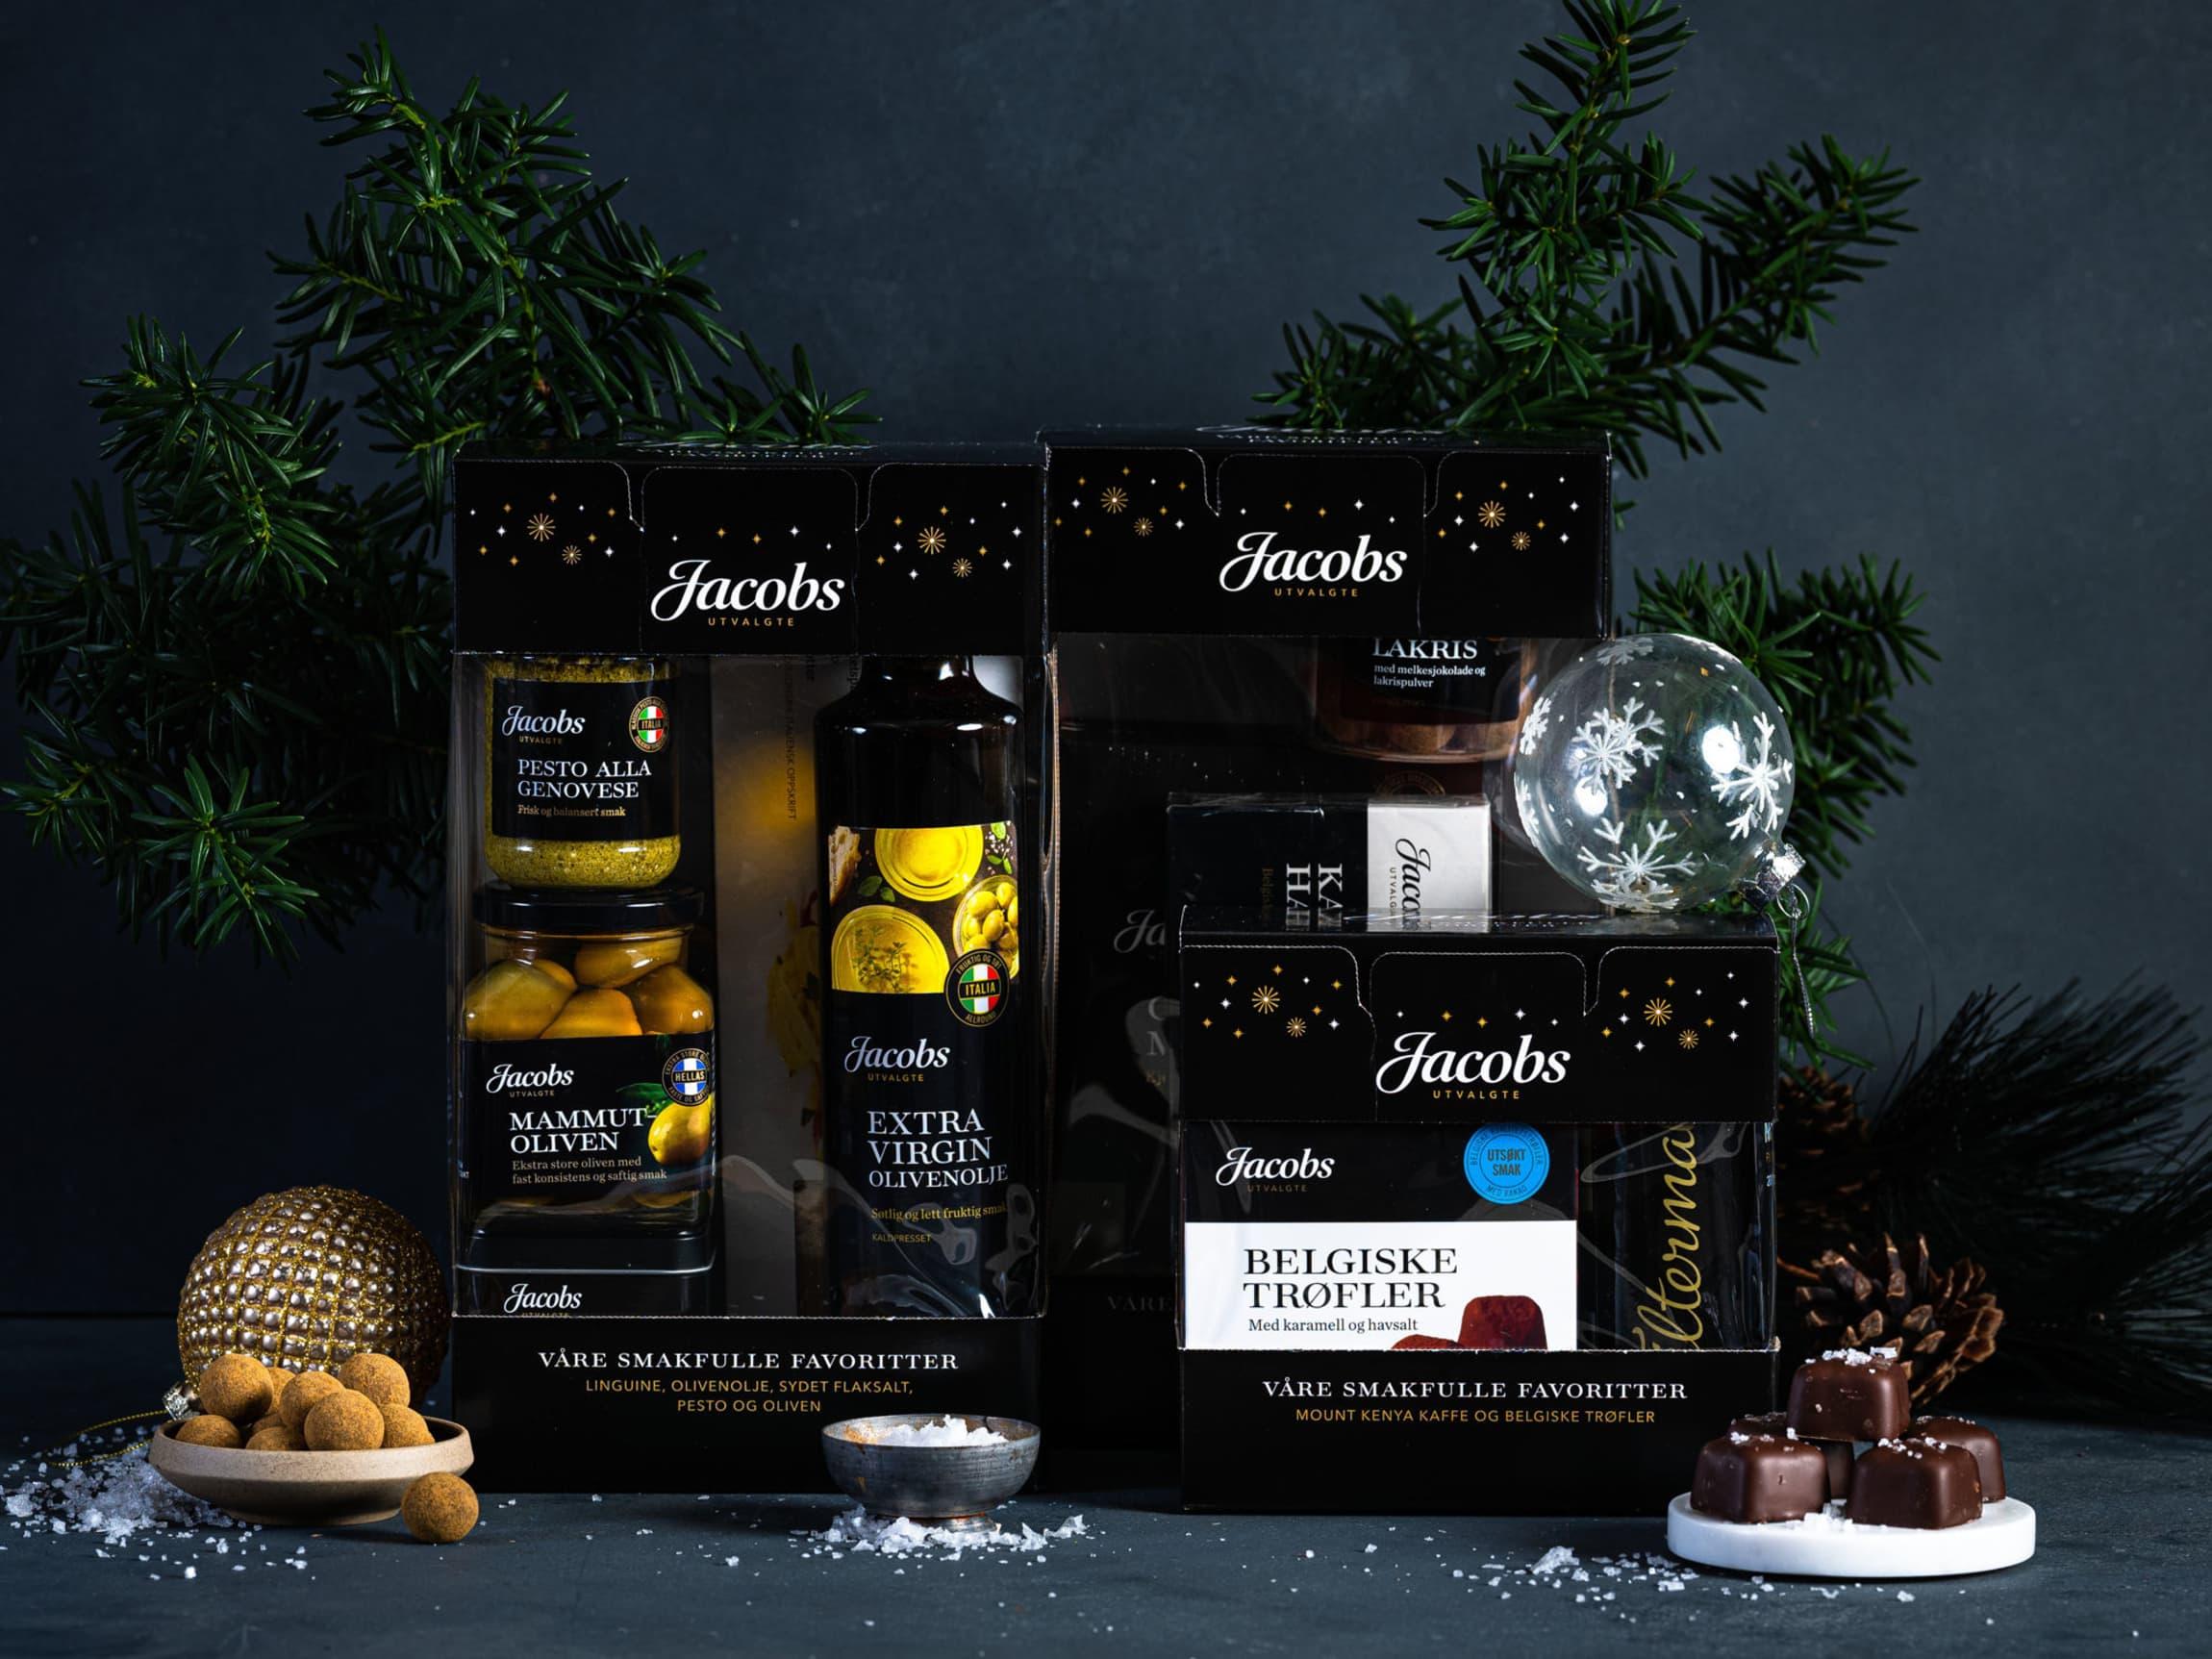 Gaveeskene er perfekte gaver til venner og kjente! Du kan også benytte deg av tilbudet på julevarene og gaveeskene.